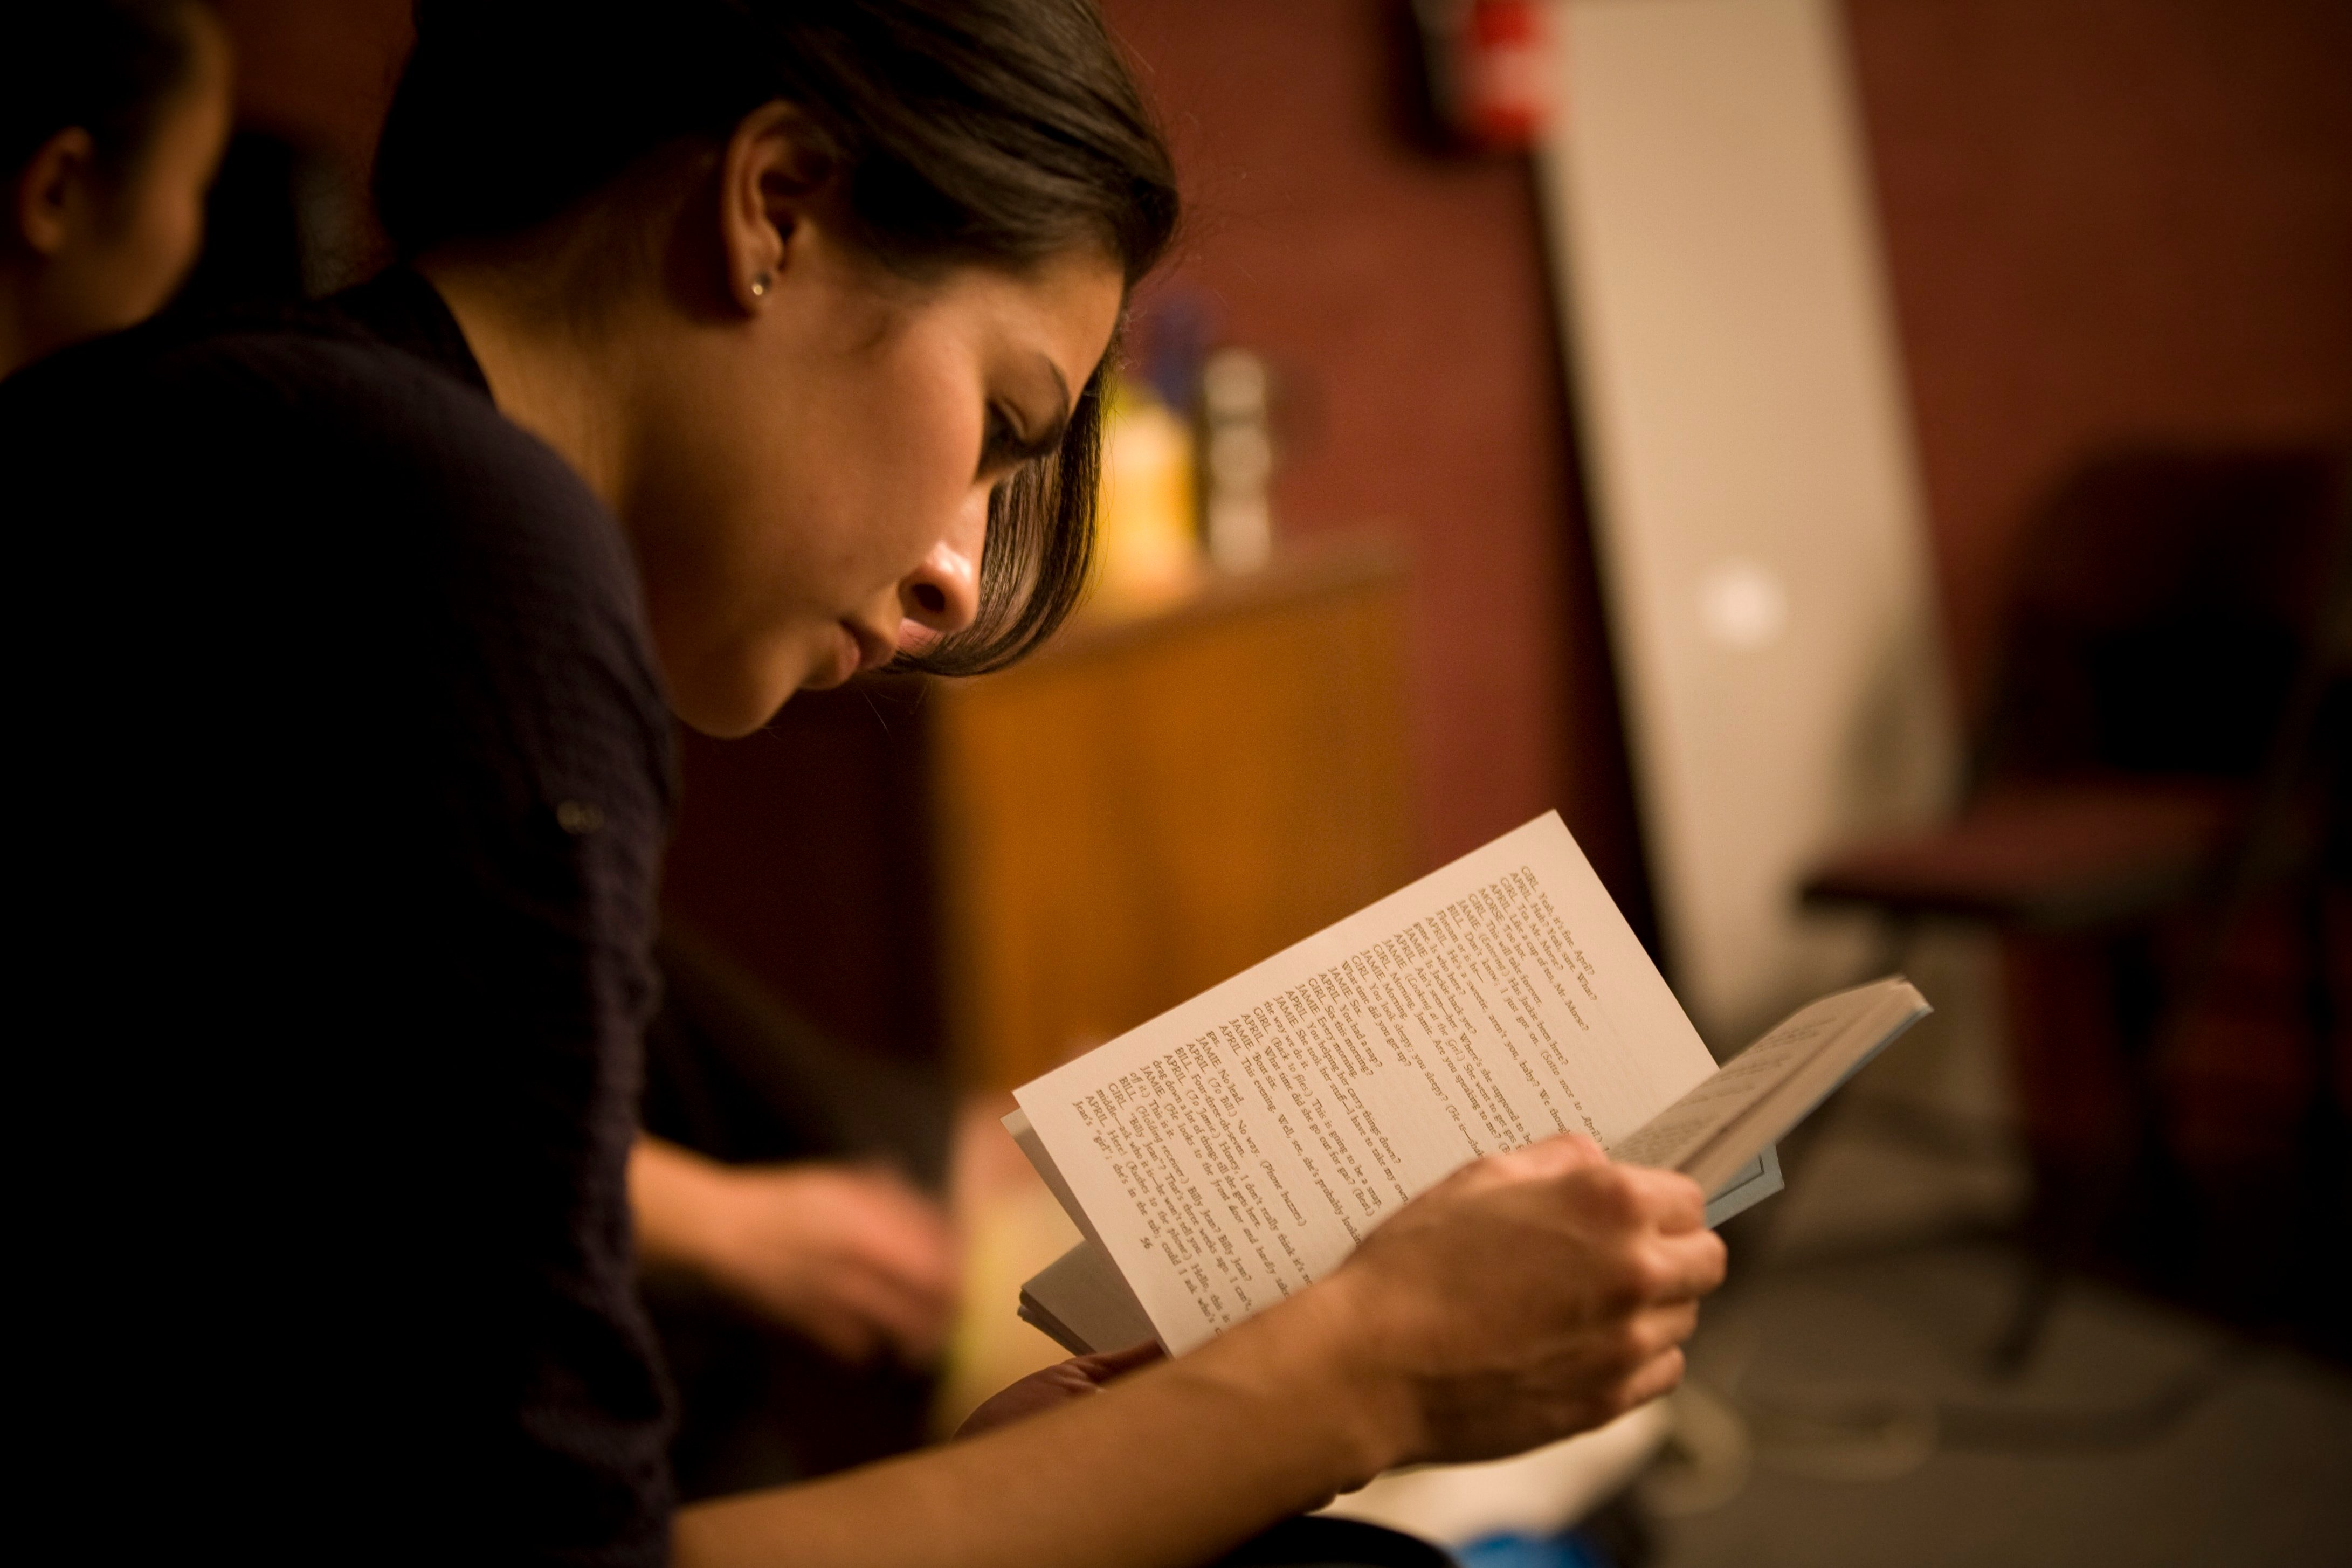 Vanessa studying